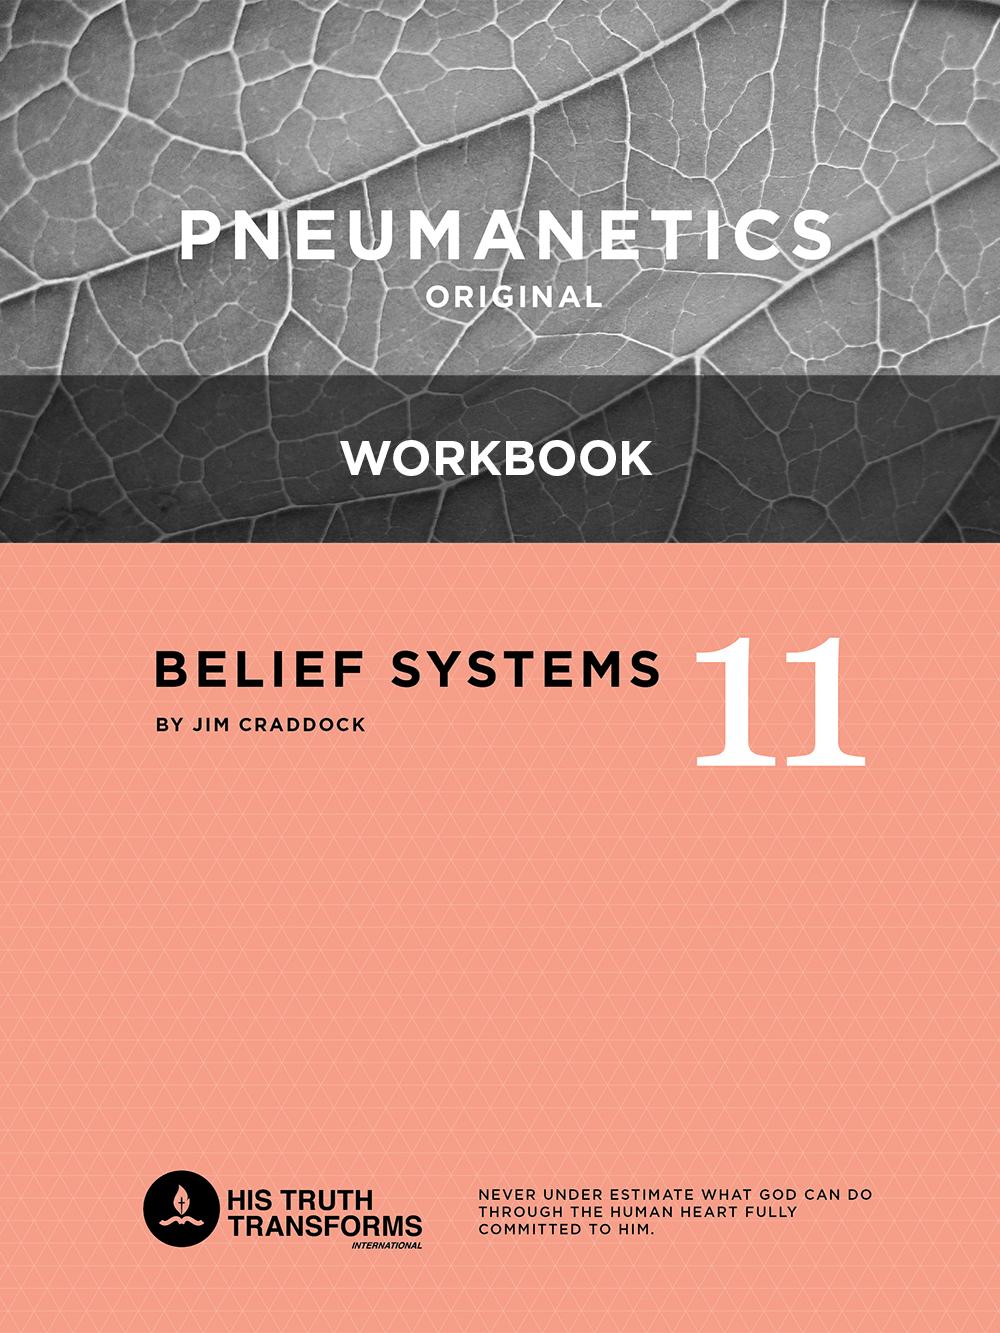 pneumanetics-11-workbook.jpg